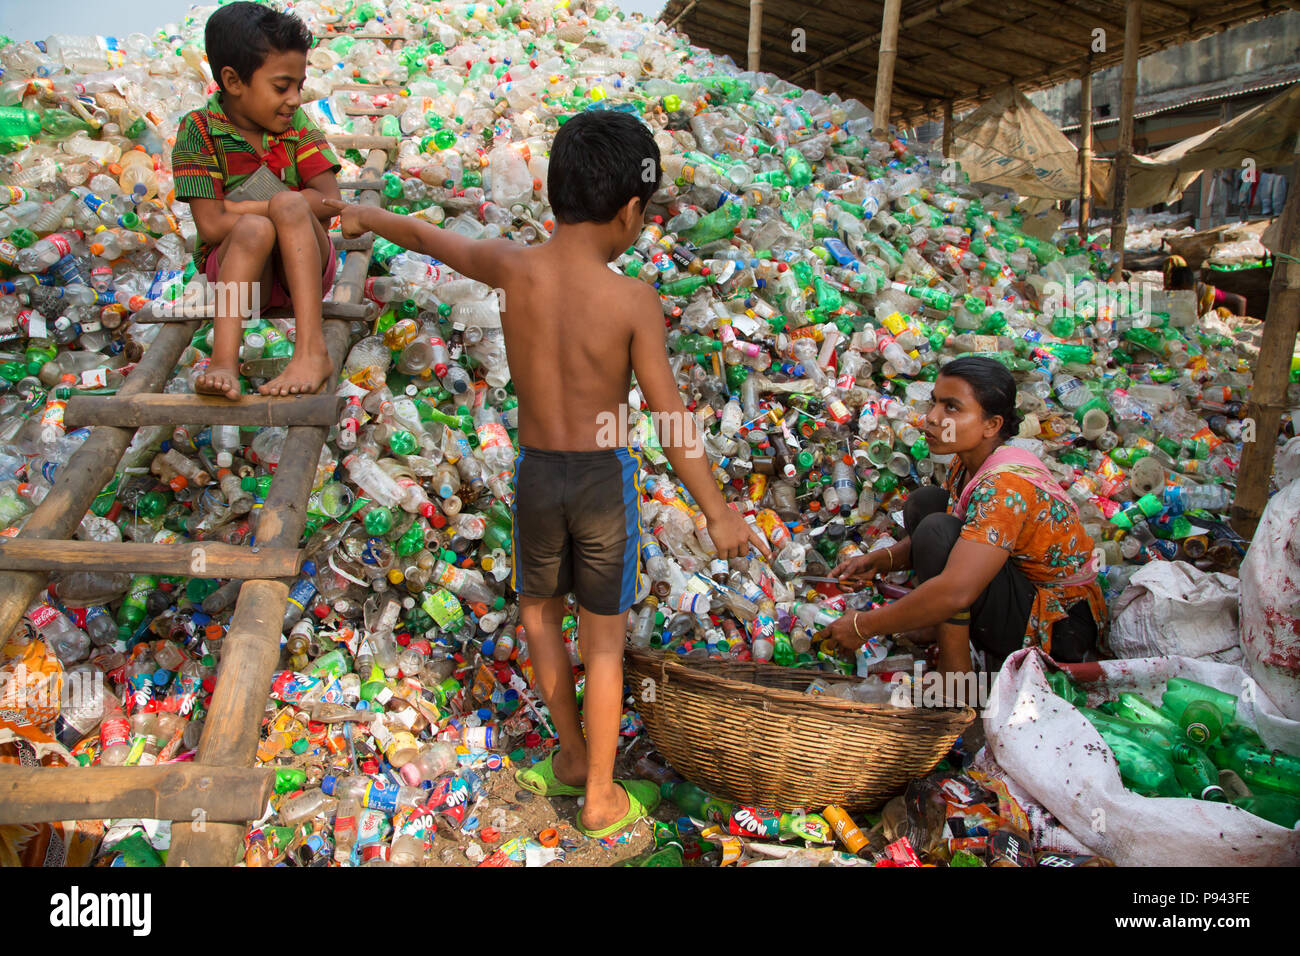 Madre trabajando en la planta de reciclado de plásticos en Hazaribagh, Dhaka, Bangladesh Imagen De Stock